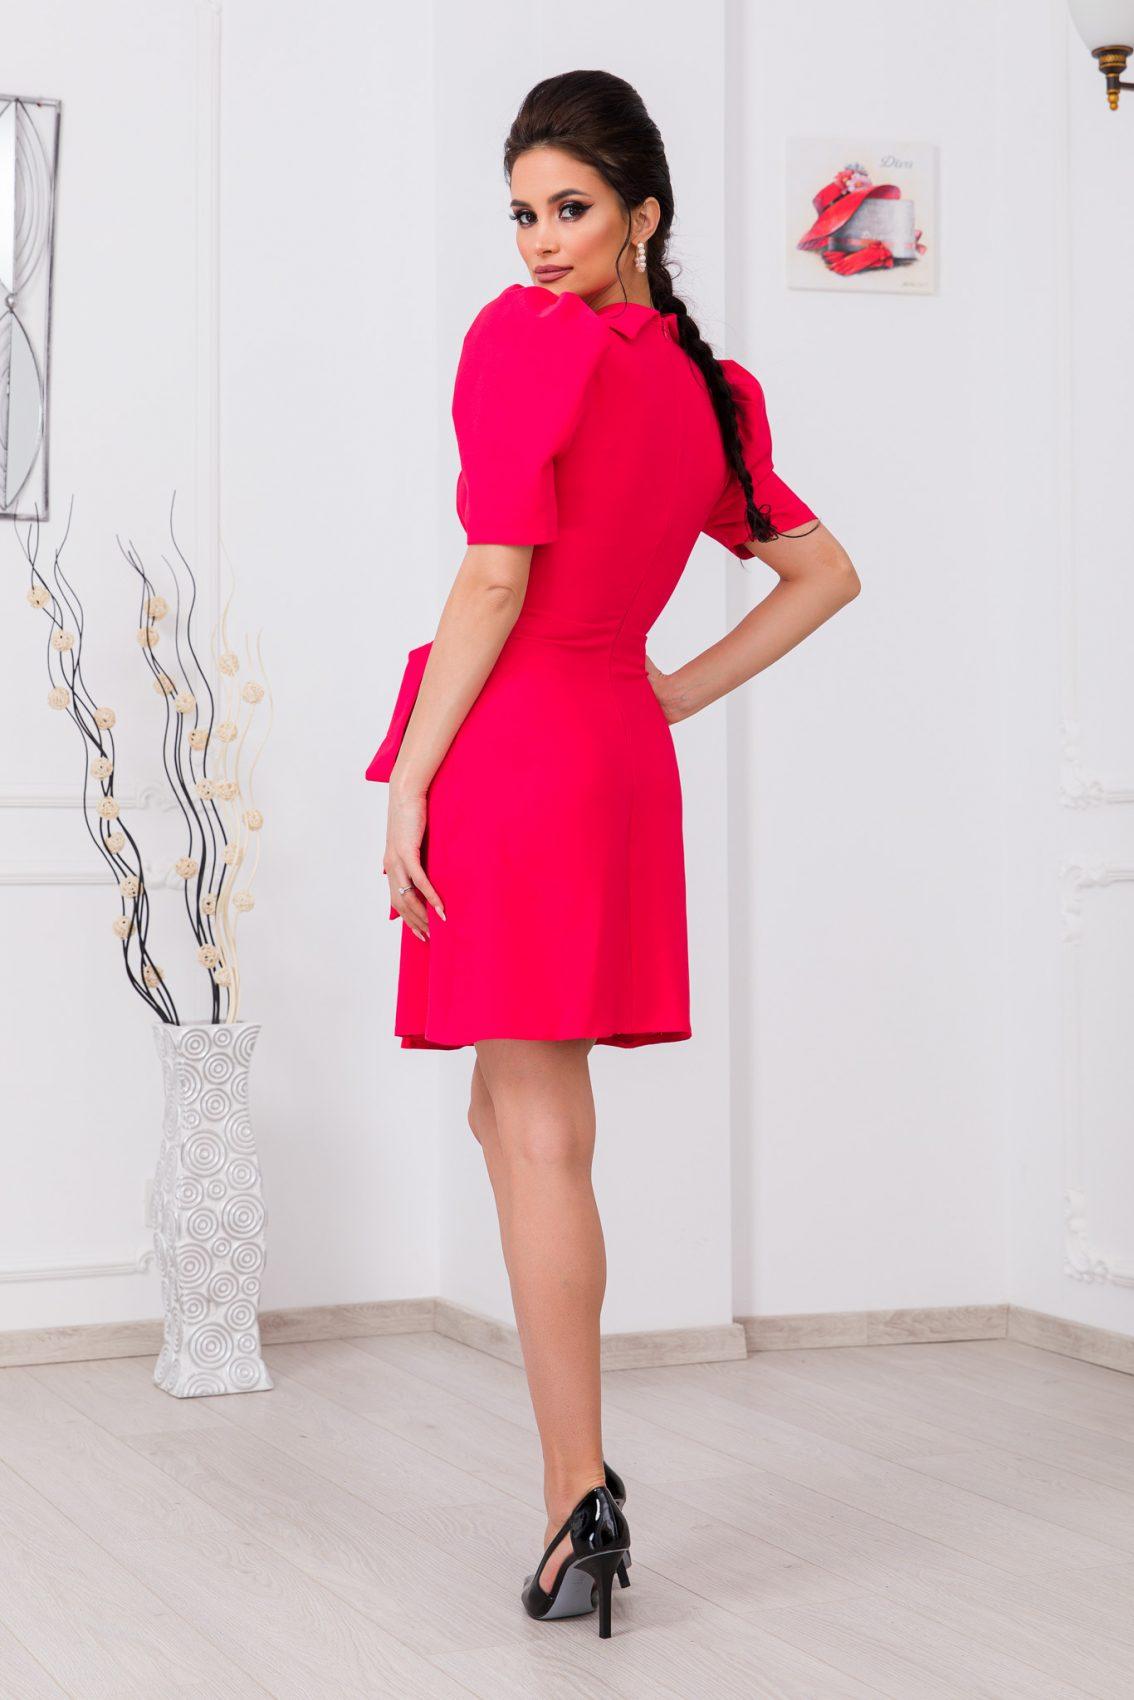 Κοραλί Κρουαζέ Φόρεμα Bredda 9775 2